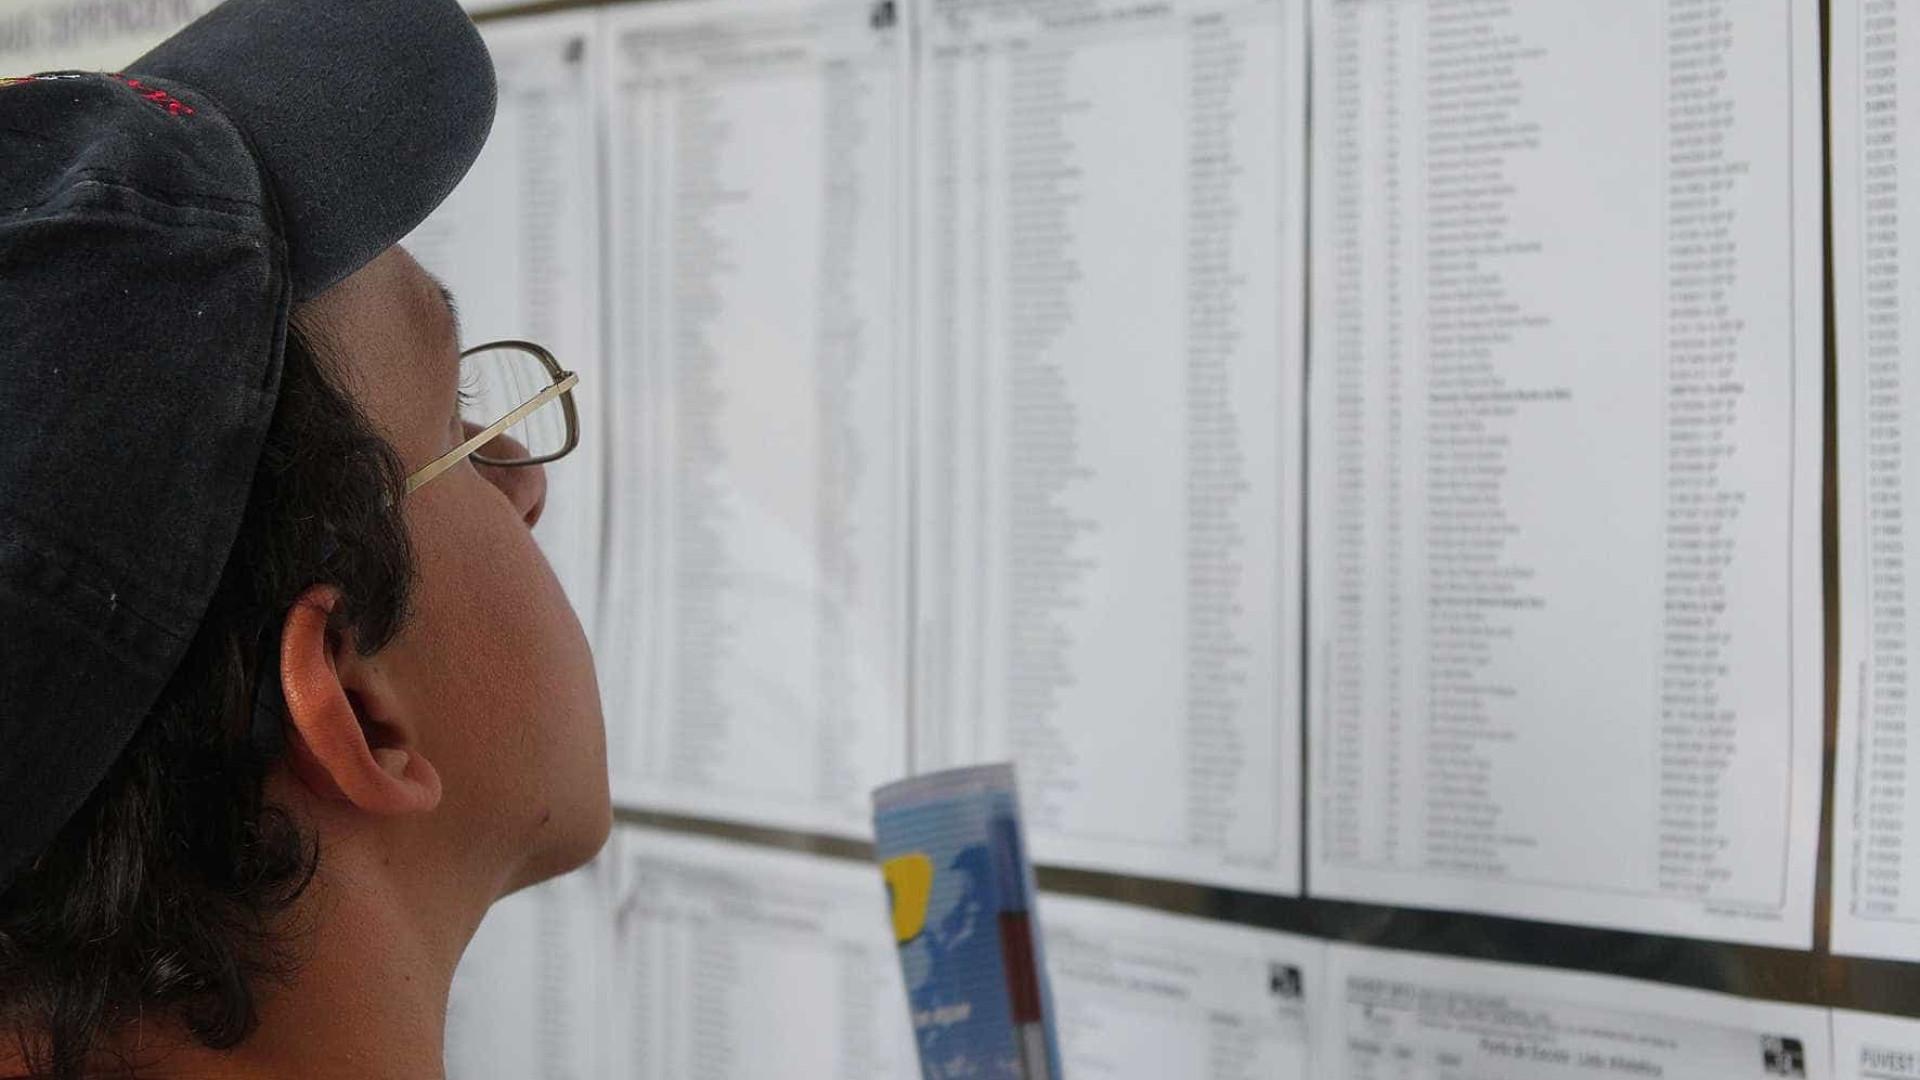 Fuvest abre inscrições para o vestibular 2020 nesta segunda